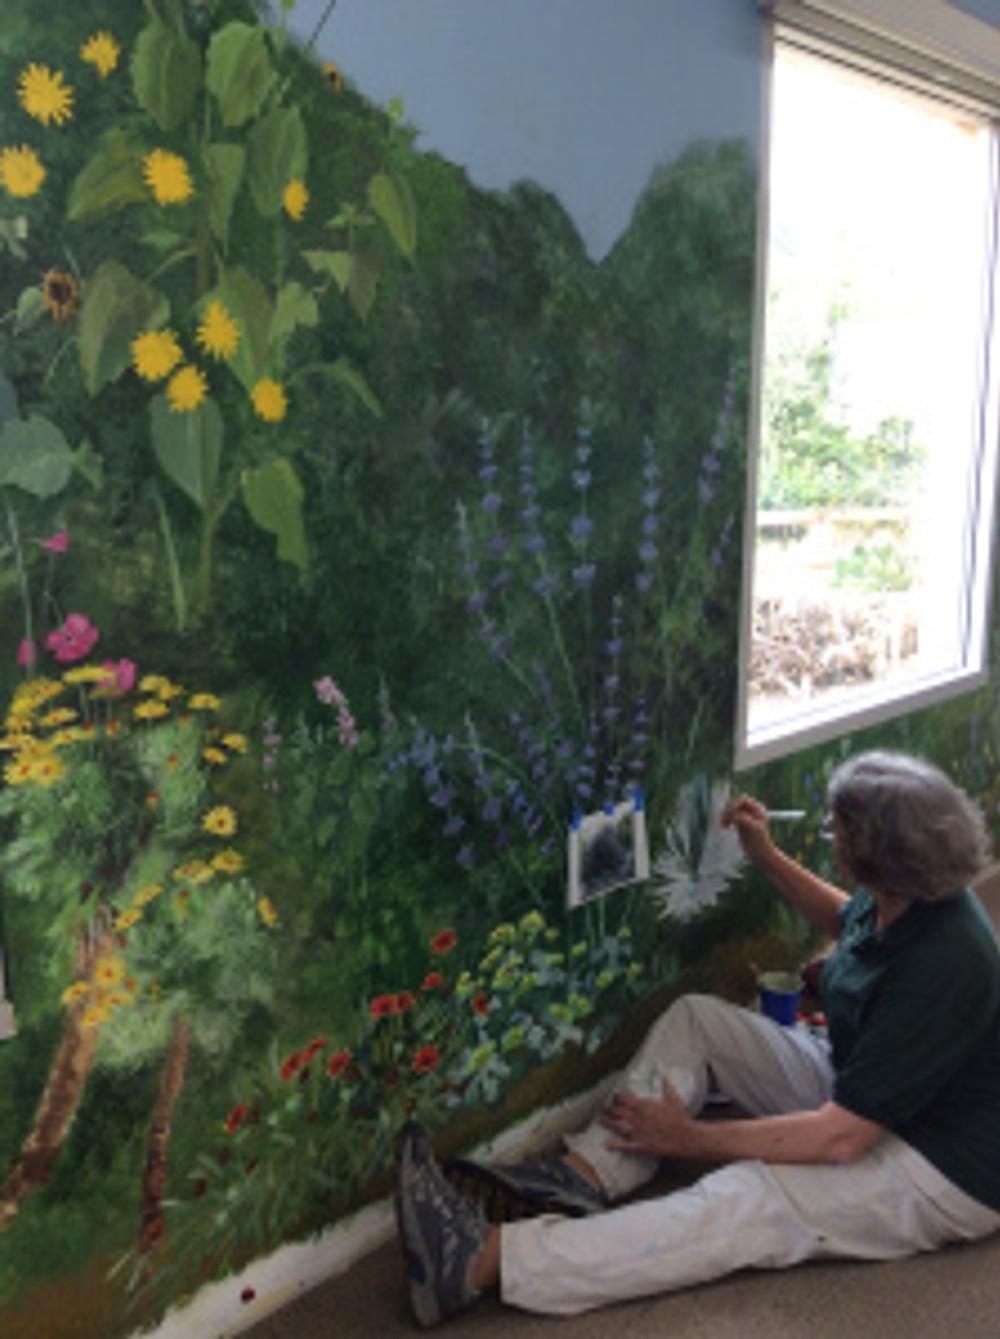 Estelle DeRidder adding details to the mural. Photo by Leslie Walker, © 2017.